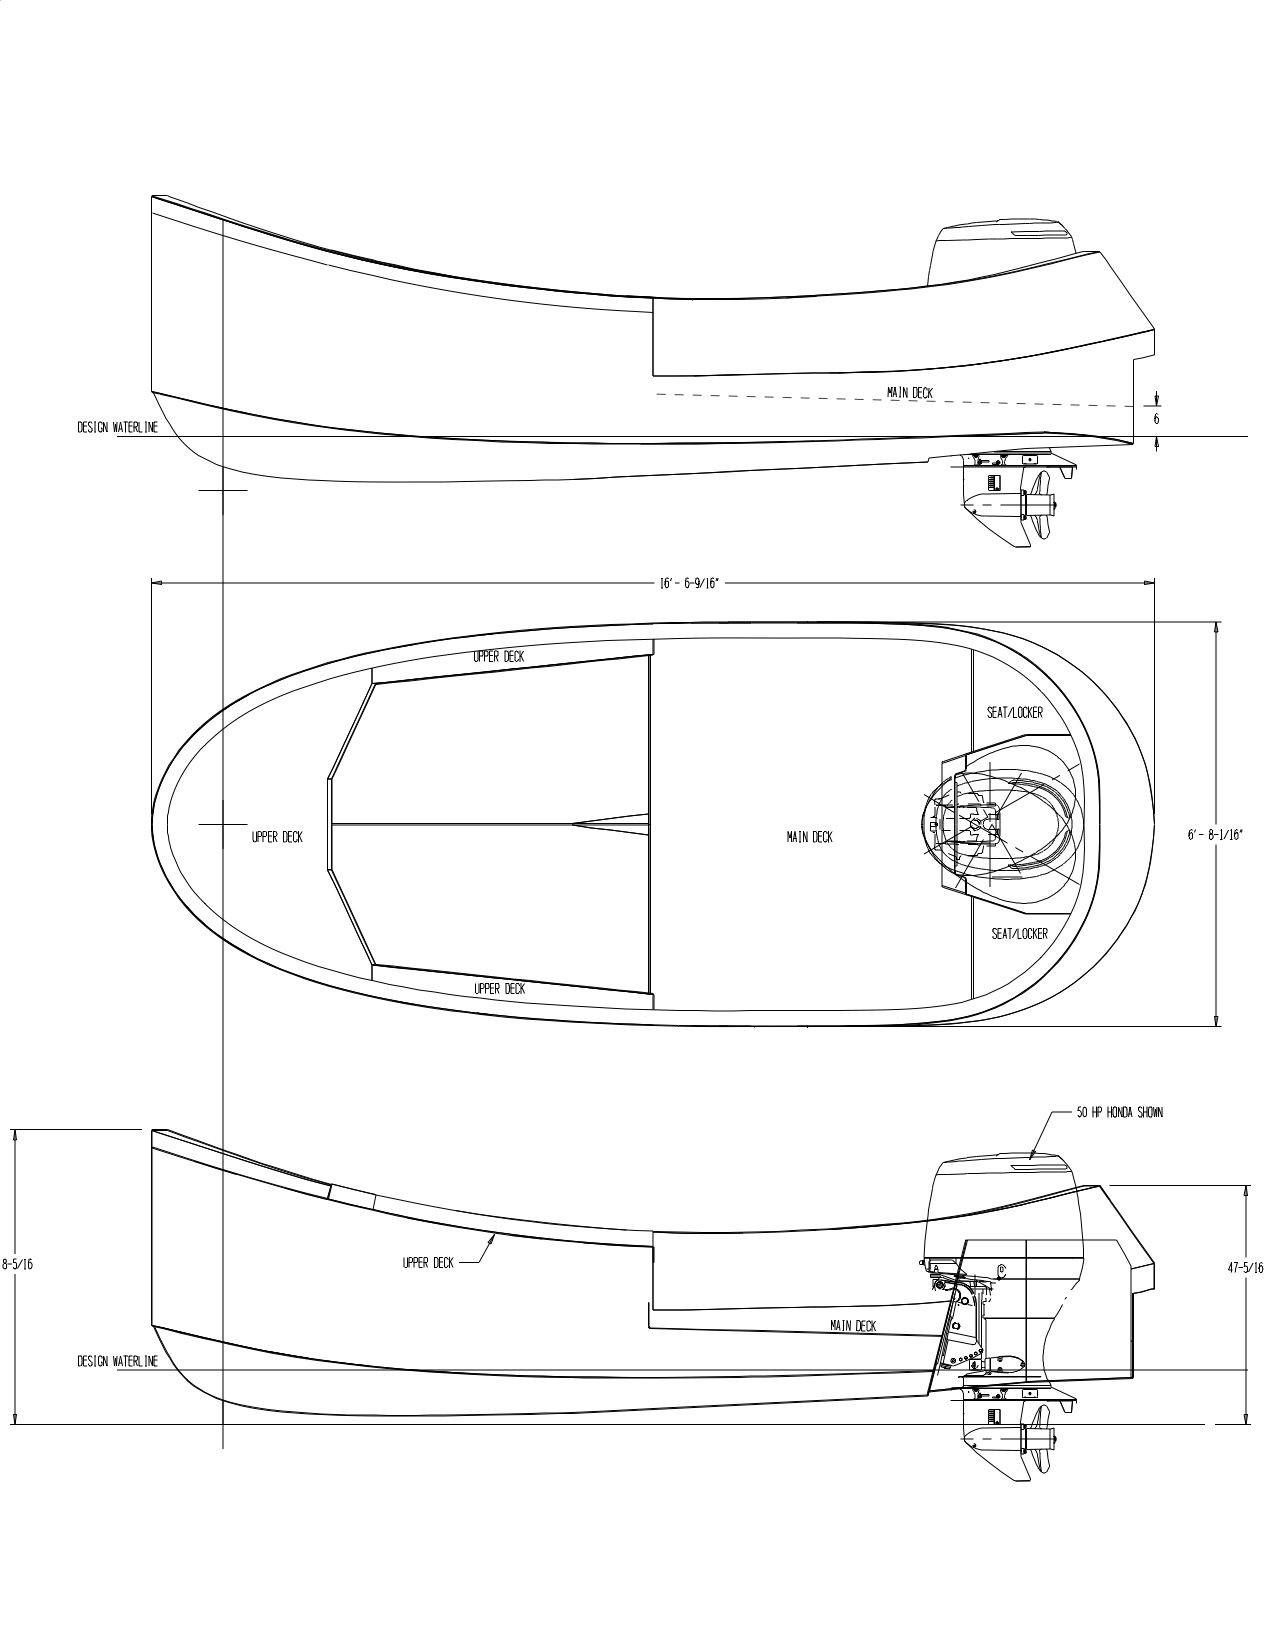 Aluminum Window Parts    Diagram    Trailerable Houseboat Plans